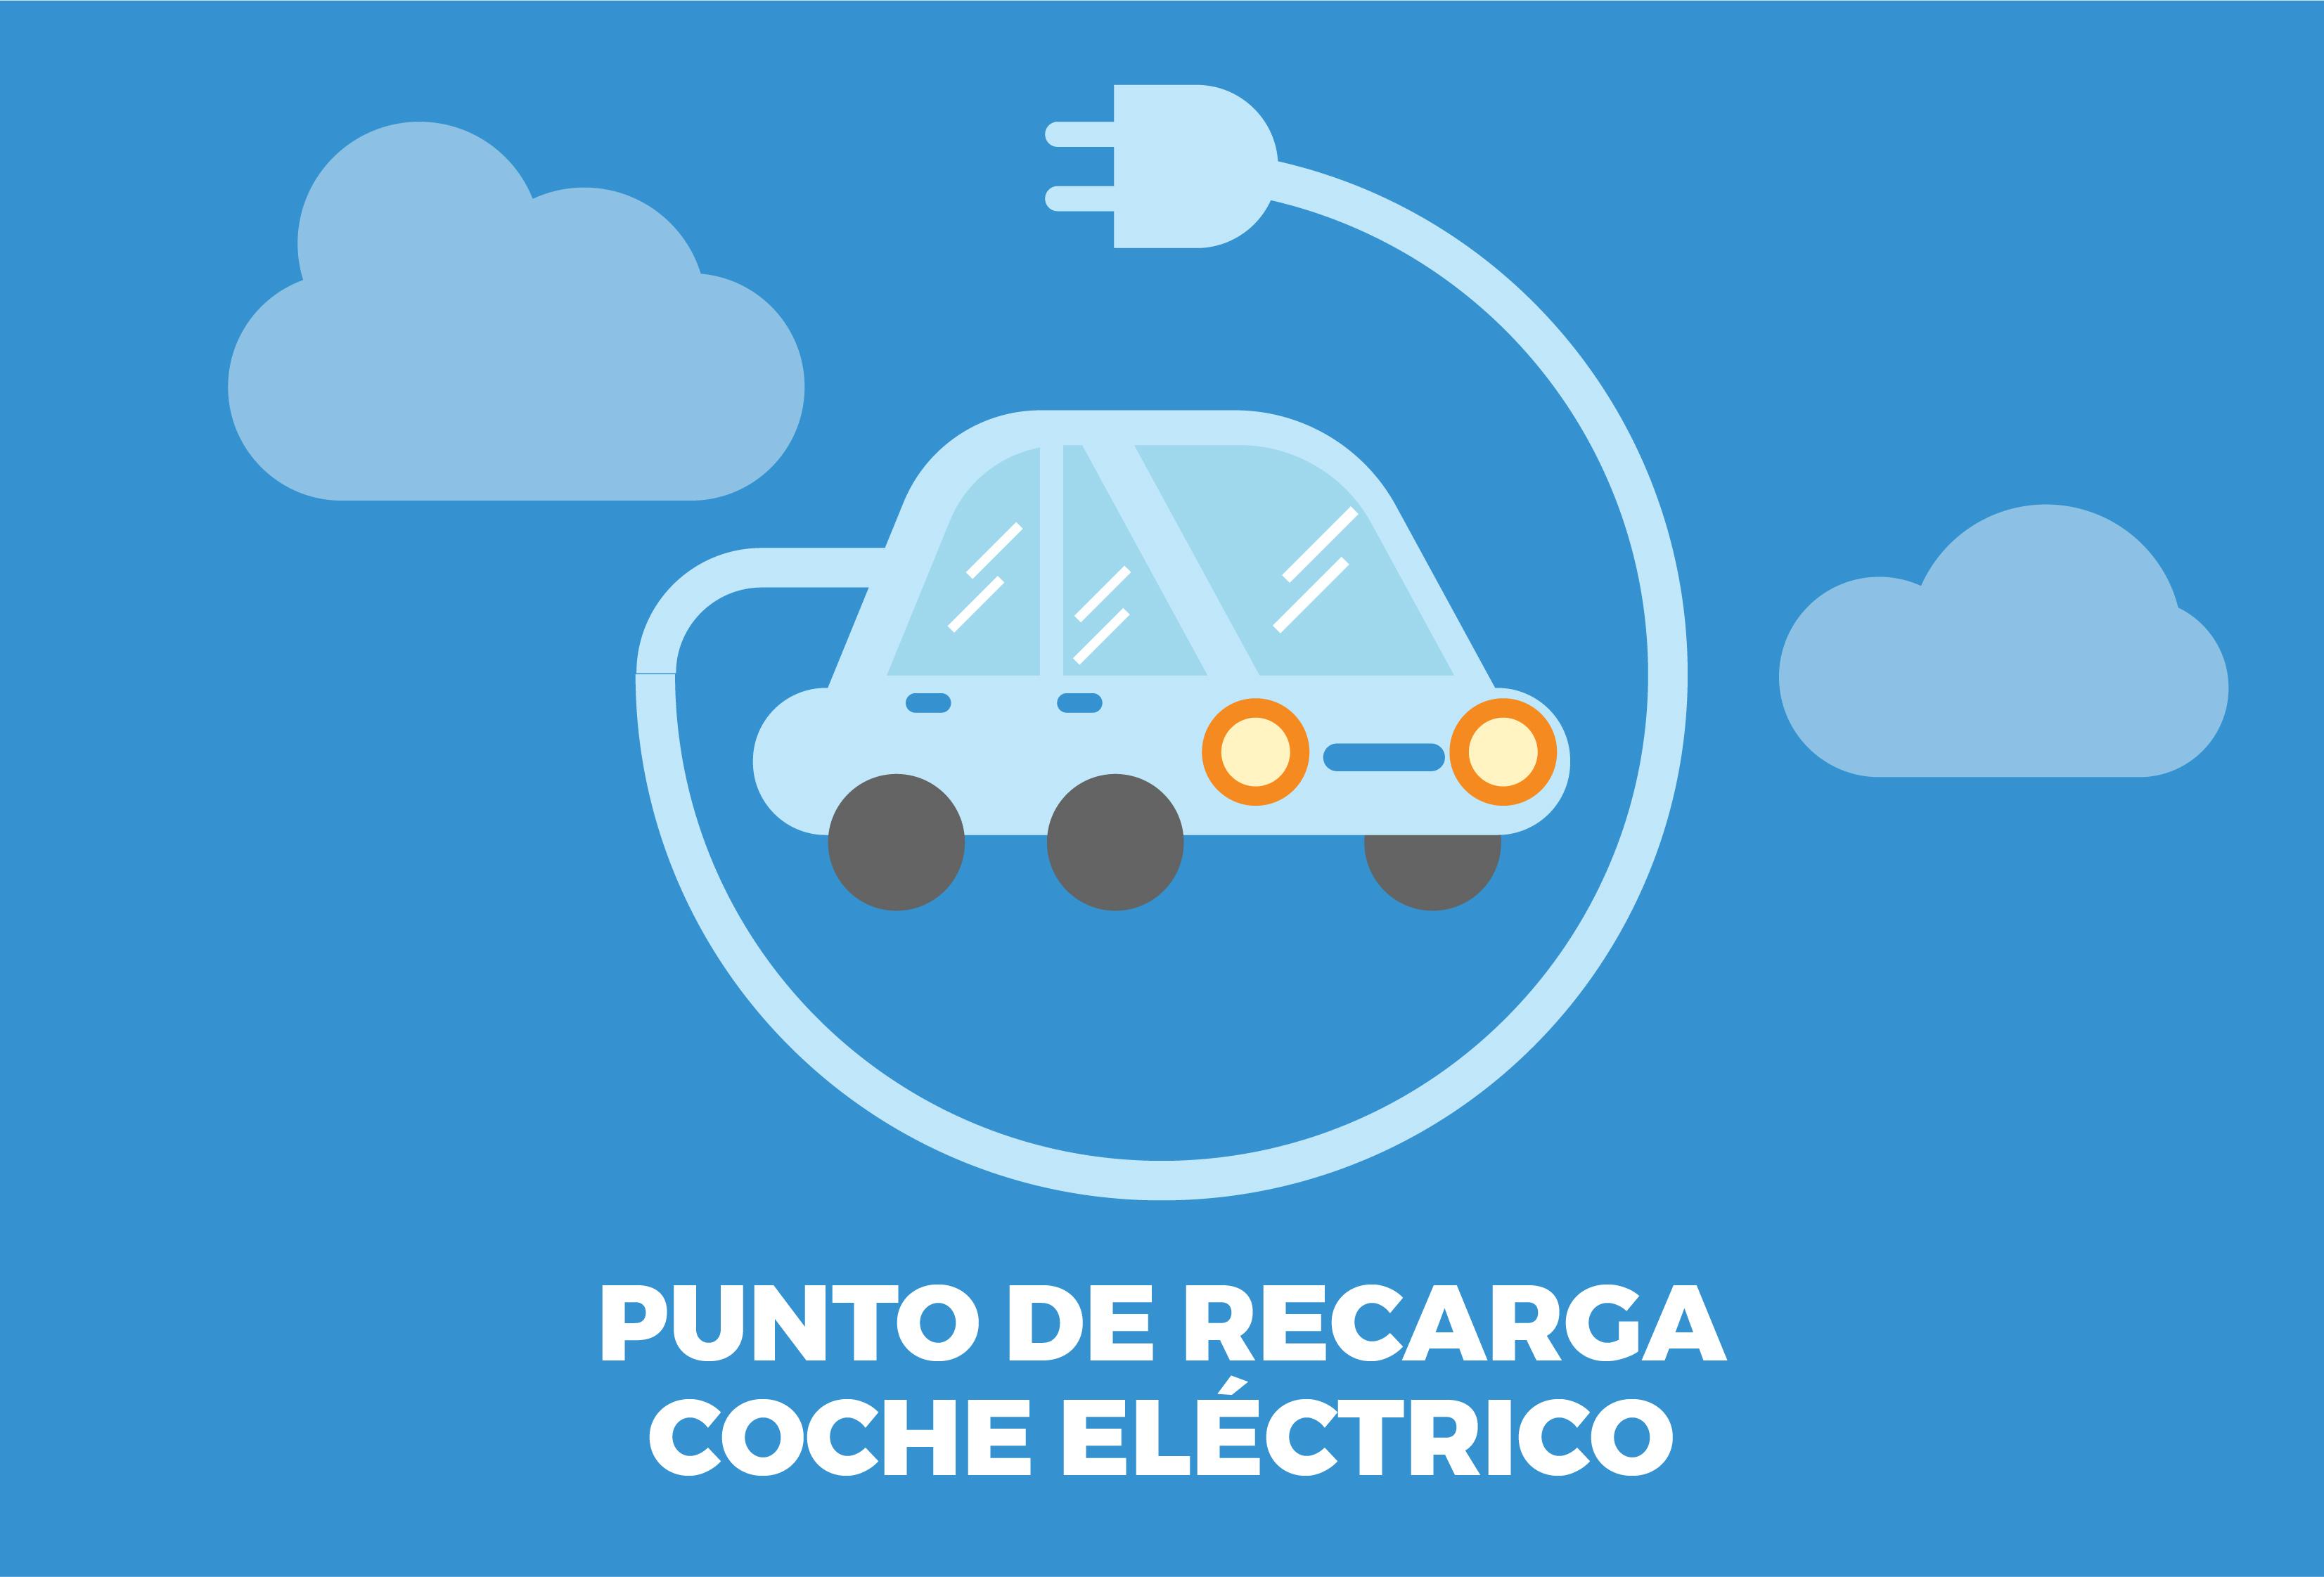 Instalar punto de recarga coche eléctrico